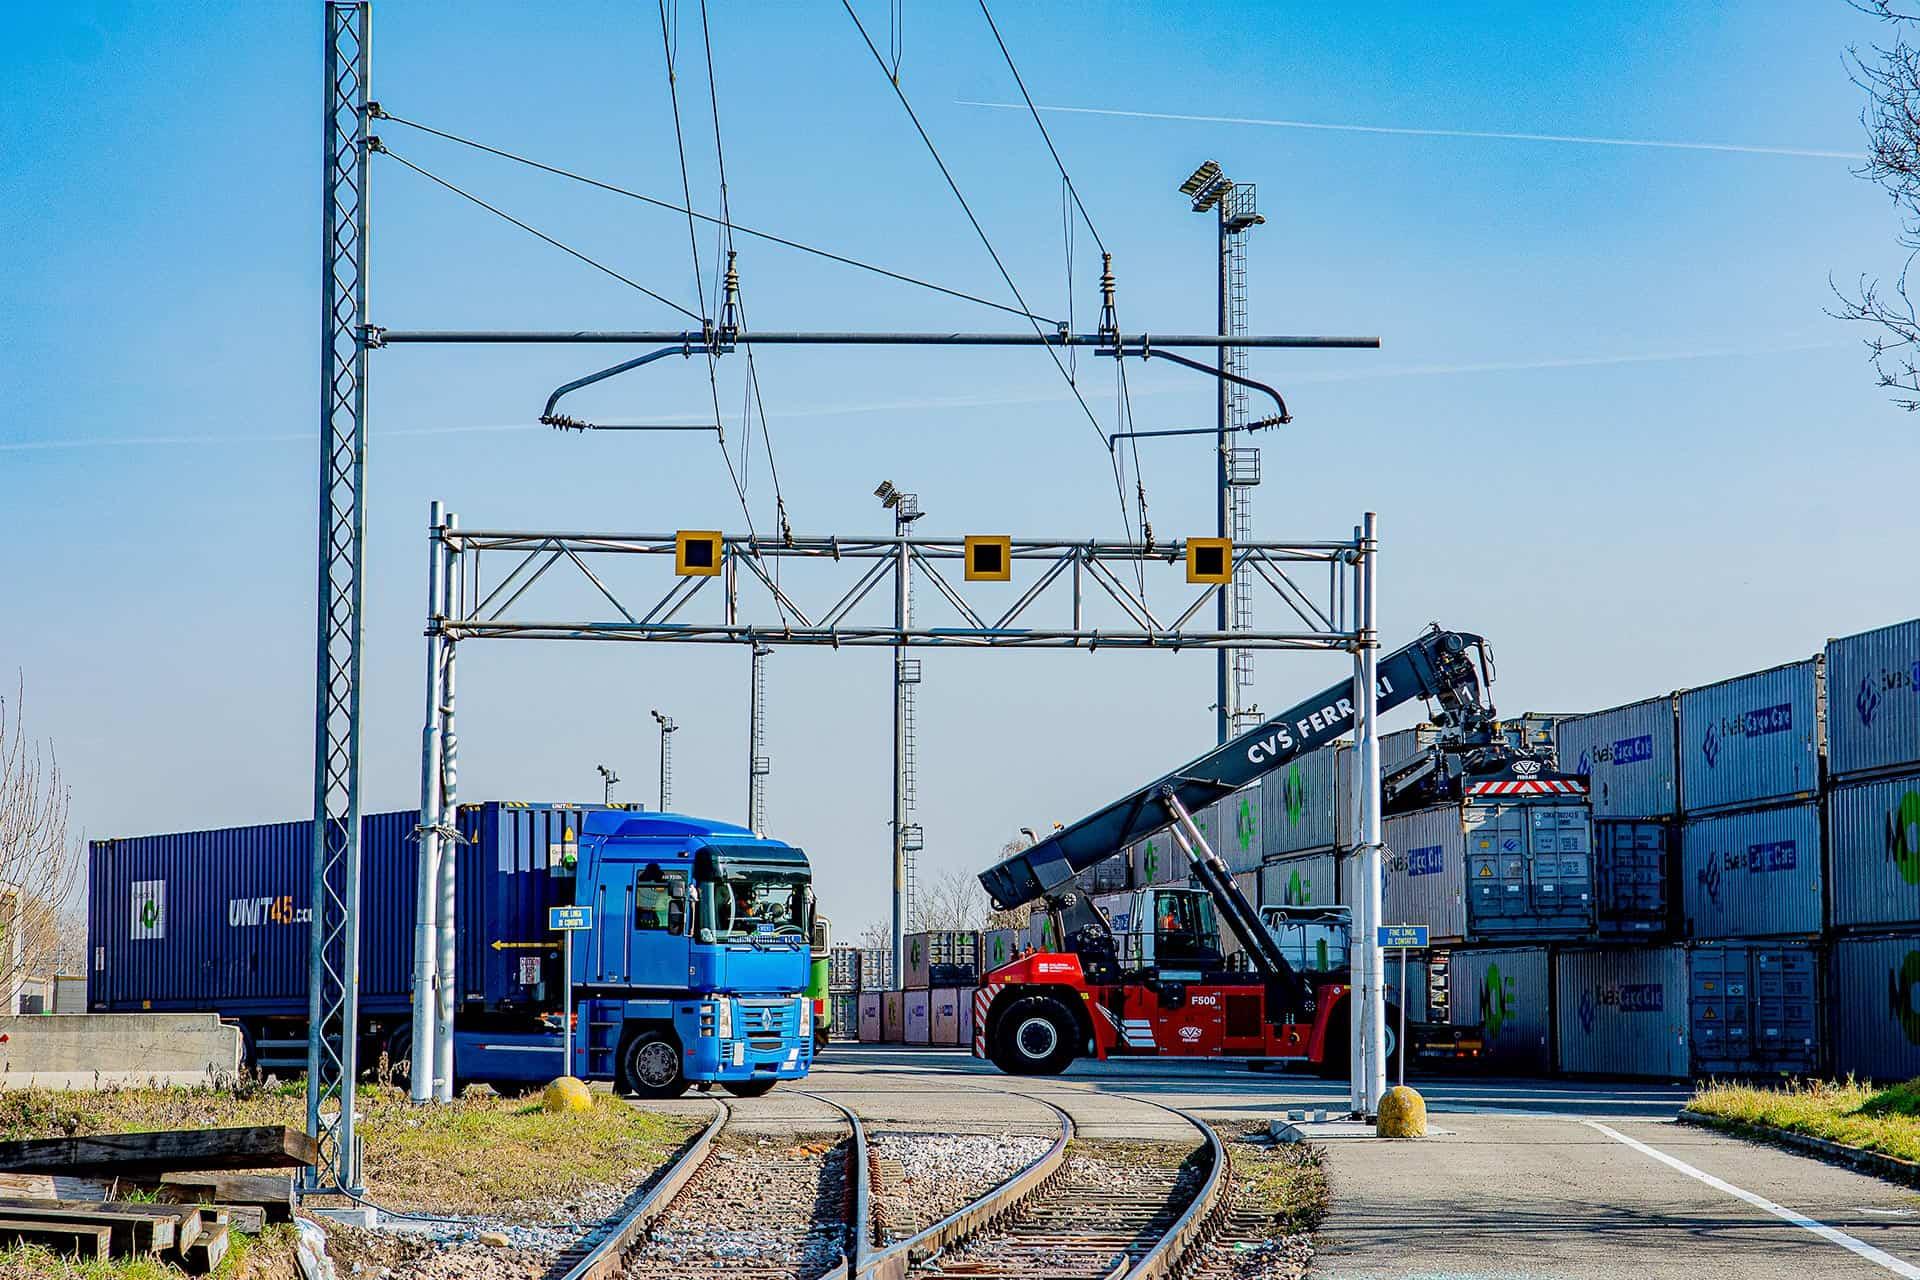 Terminalizzazione - portale linea di contatto Ferrovienord ingresso terminal sacconago di Malpensa Intermodale